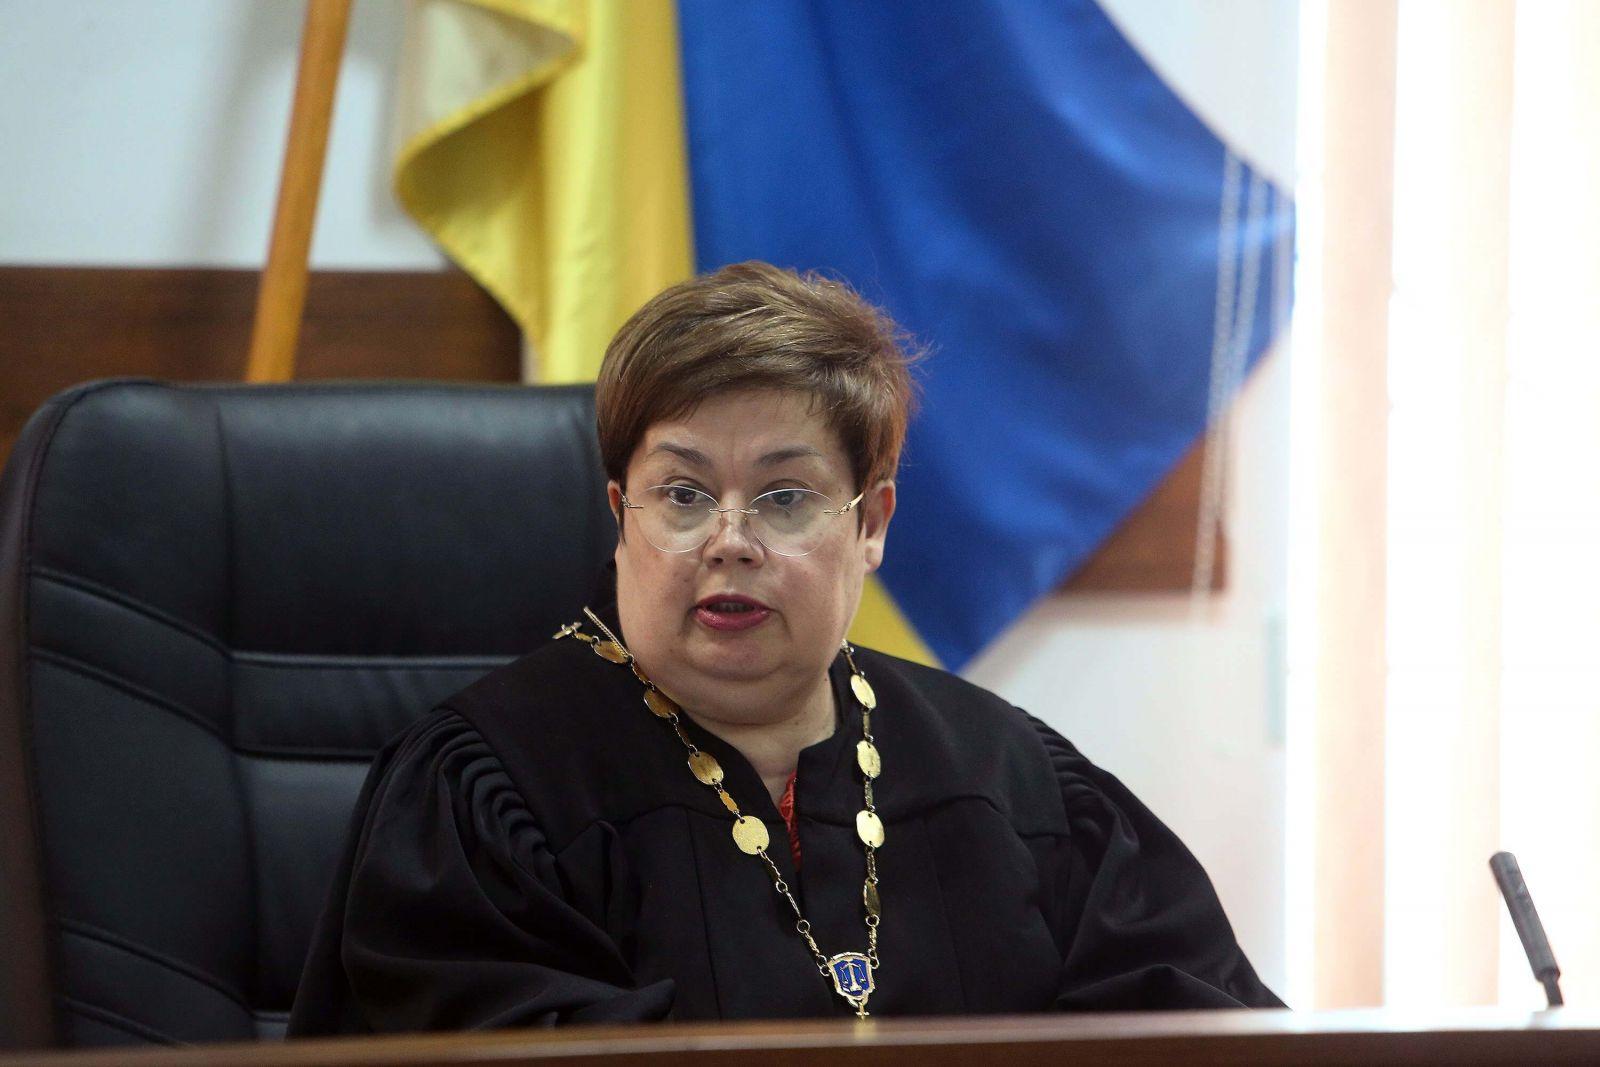 фото, Елена Мелешак, председатель Шевченковского районного суда Киева